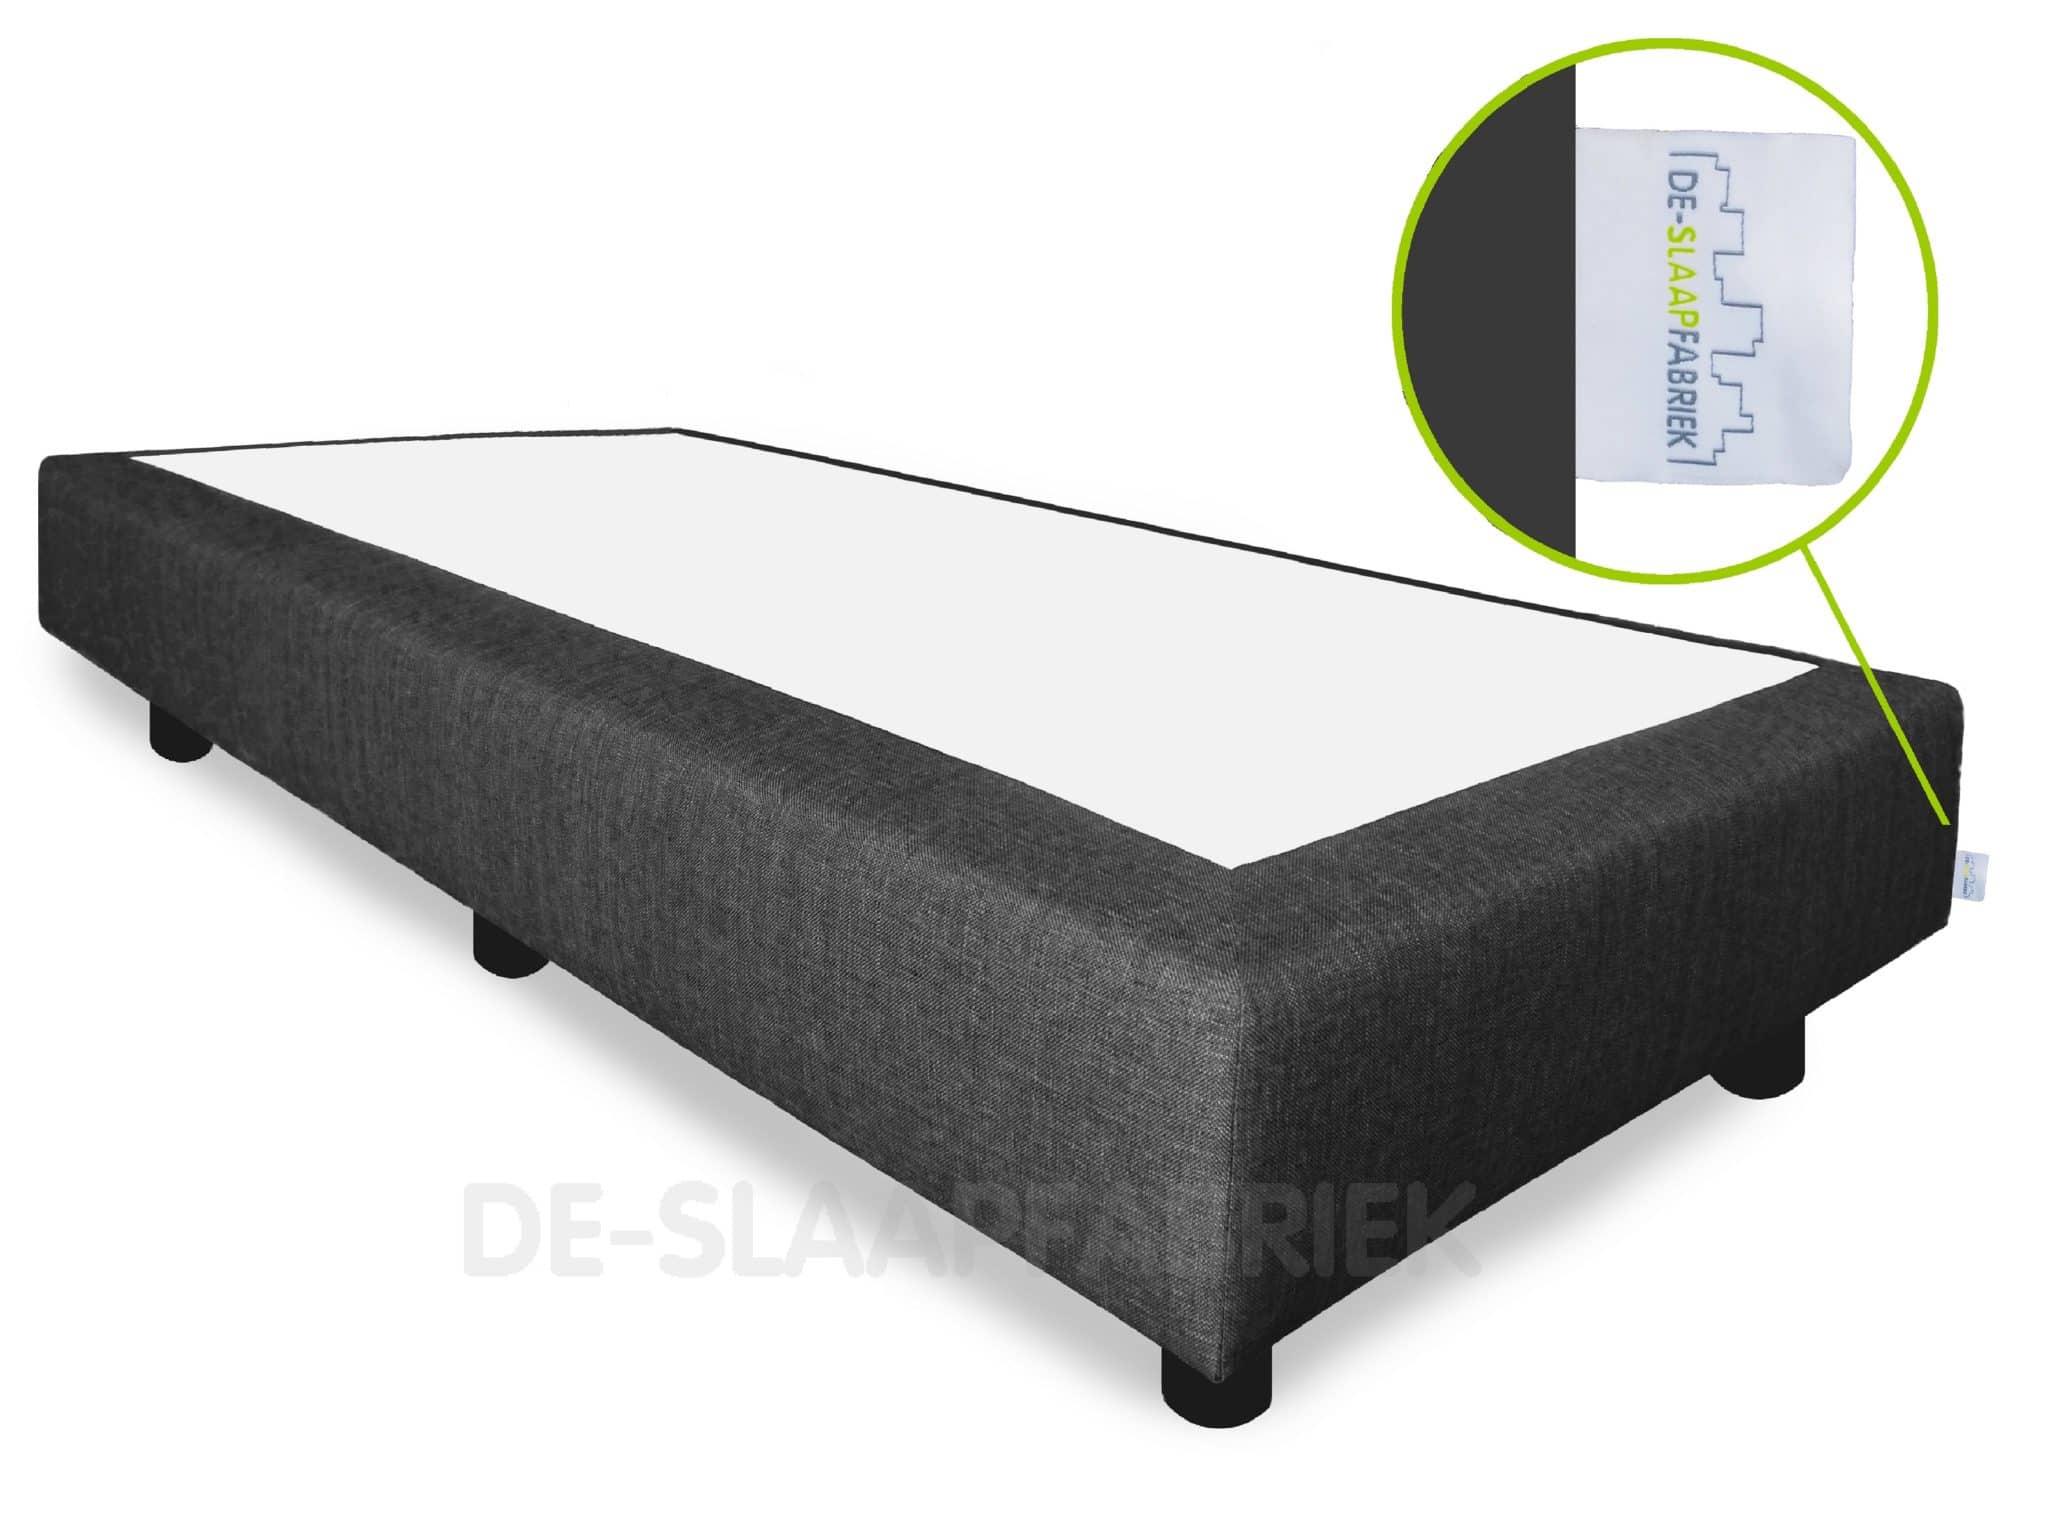 Boxspring zonder matras letto speciale de slaapfabriek